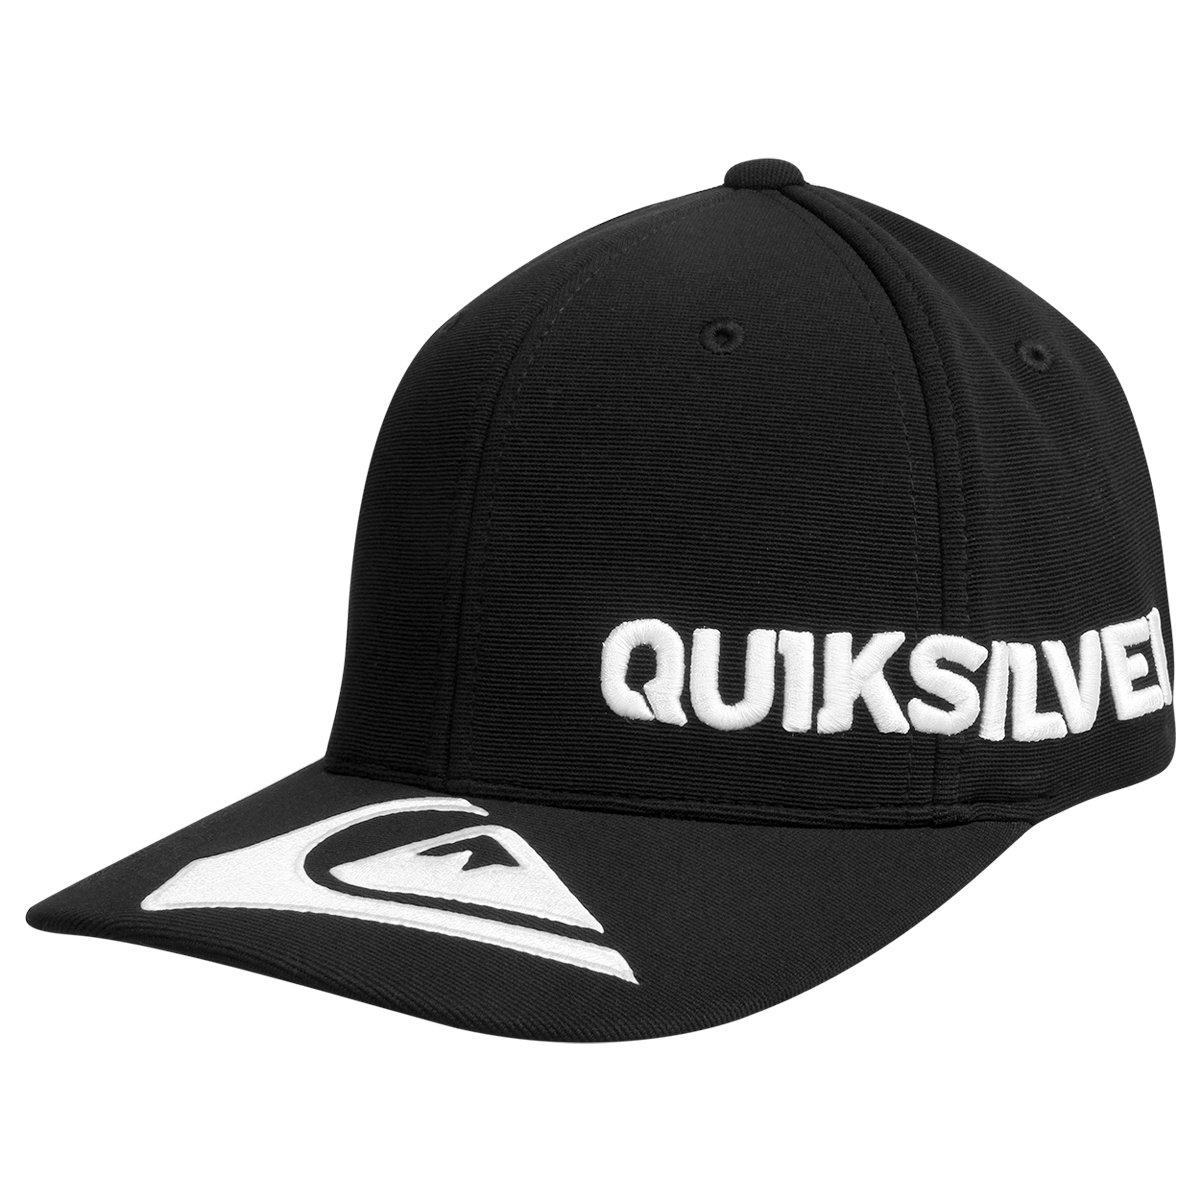 Boné Quiksilver Peak Flexfit Curved - Compre Agora  153060fde66